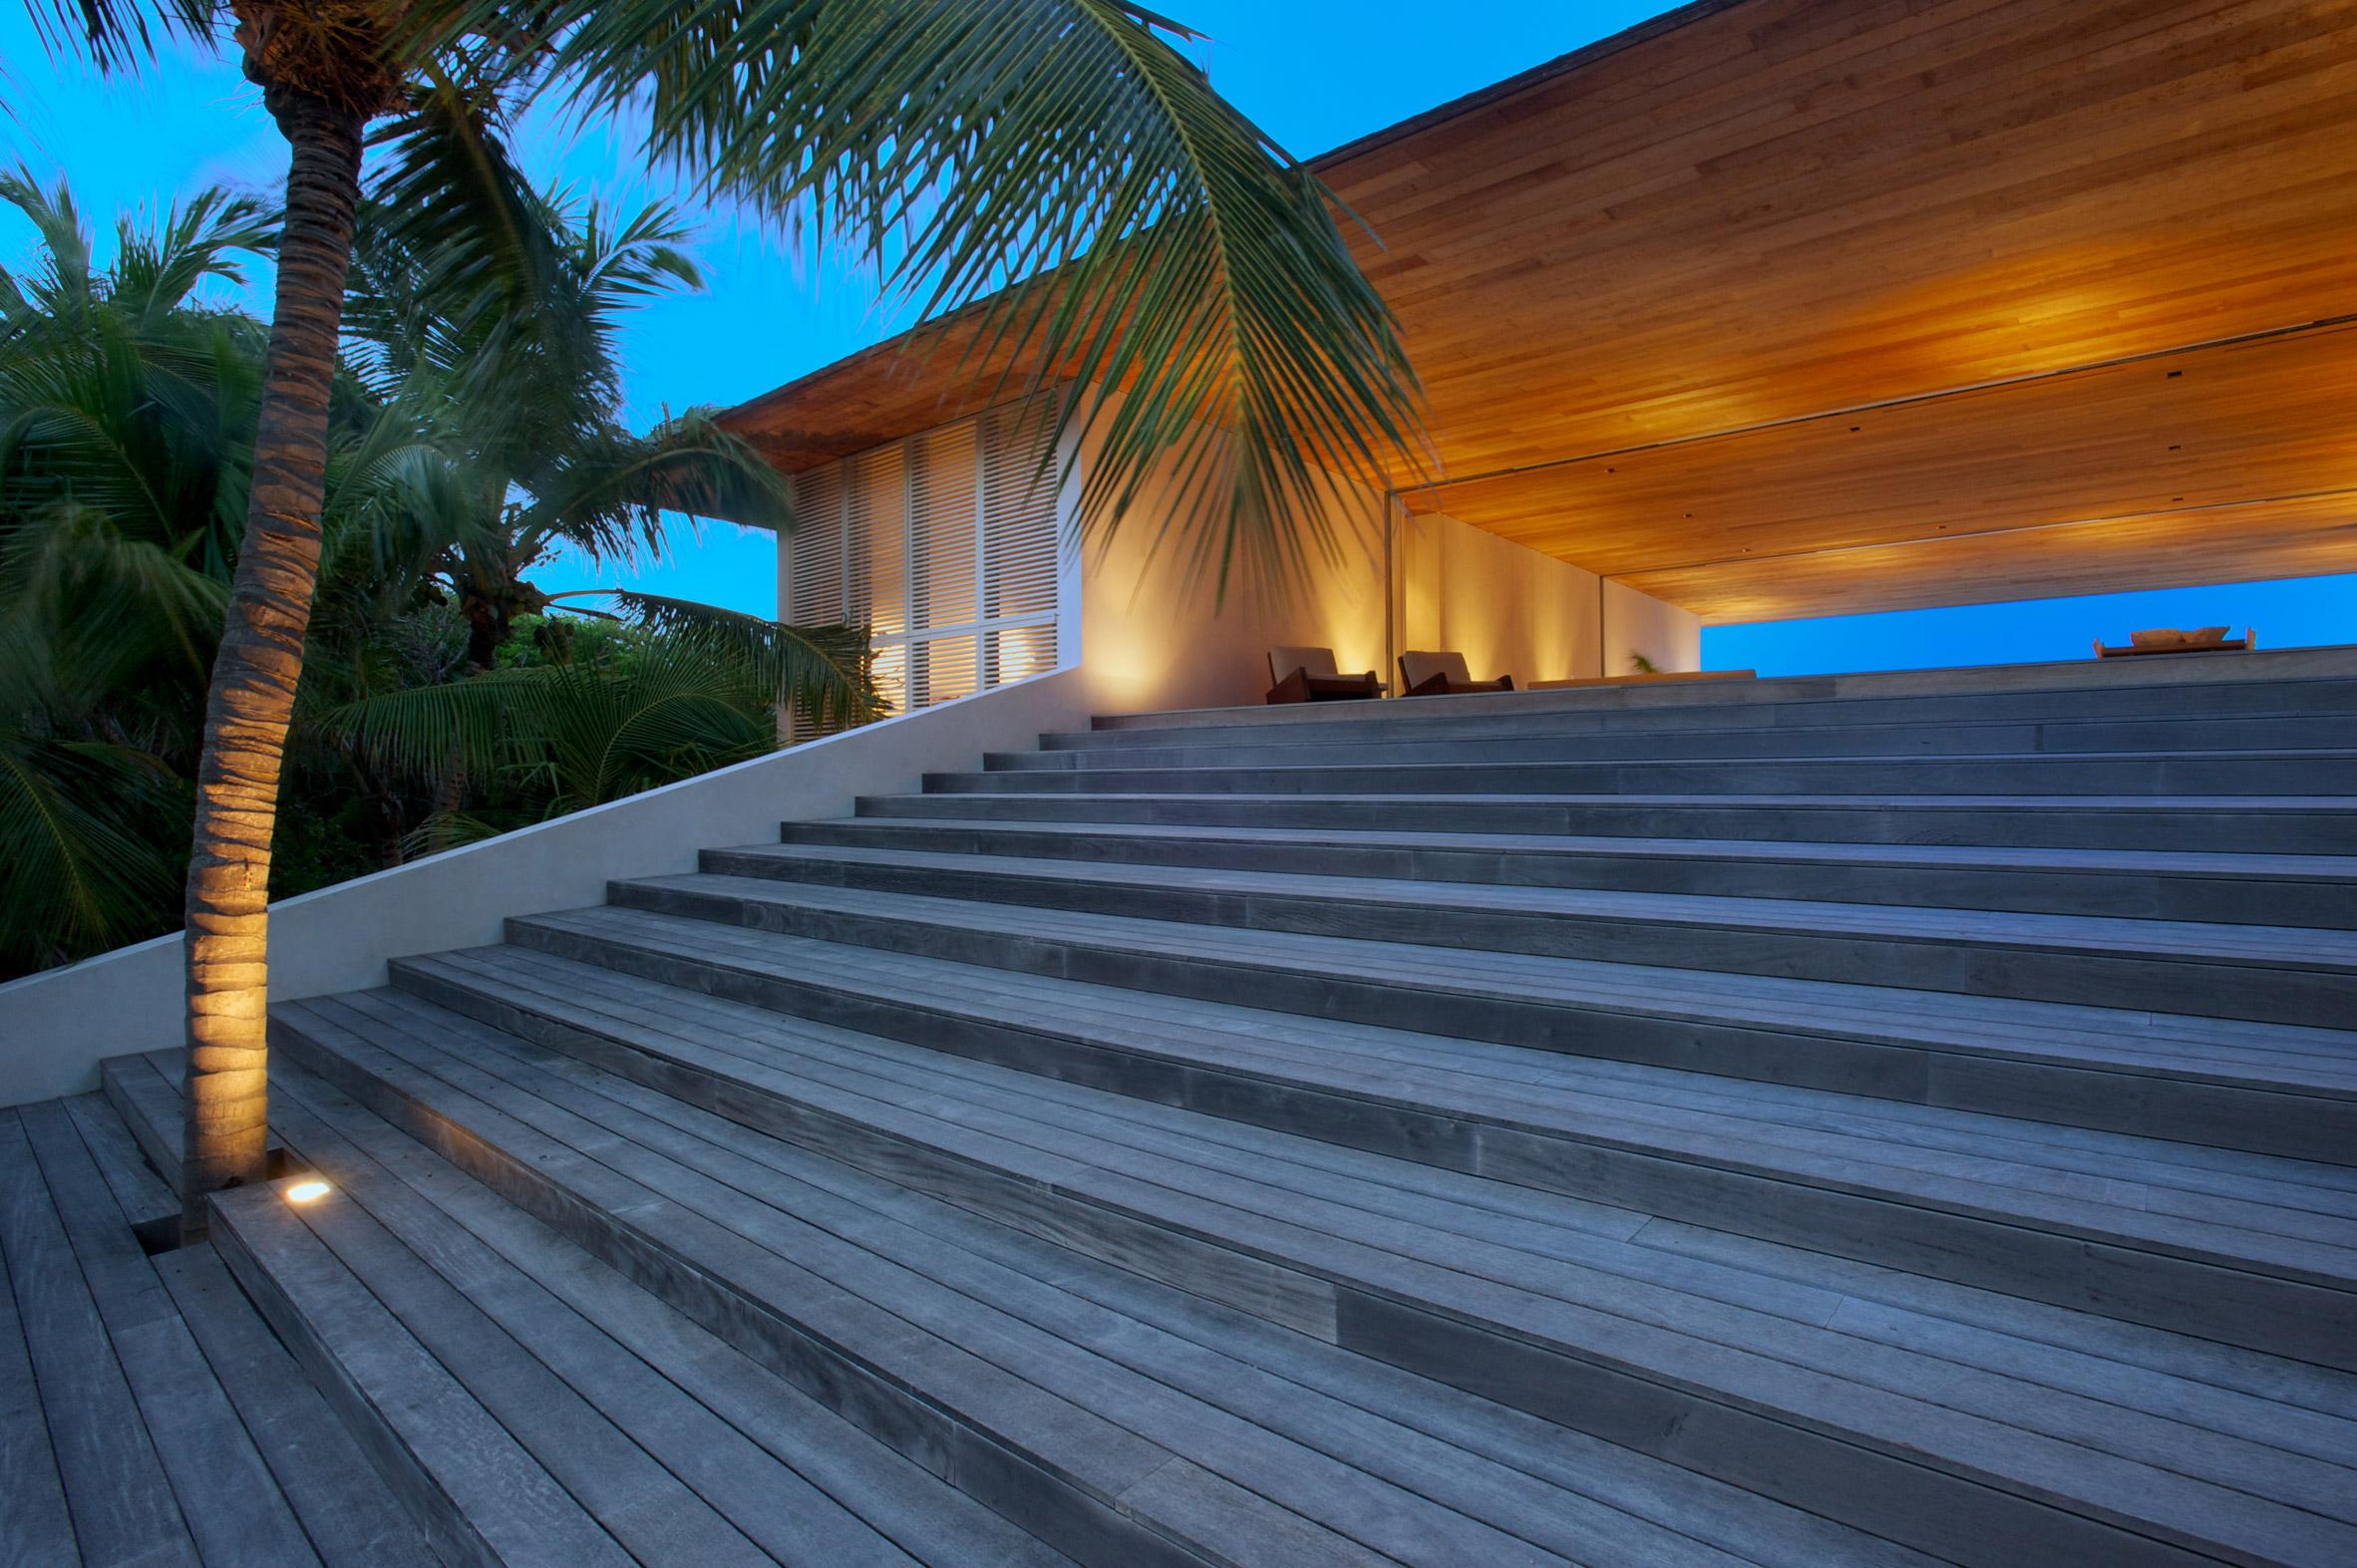 Prácticamente toda la casa es de madera